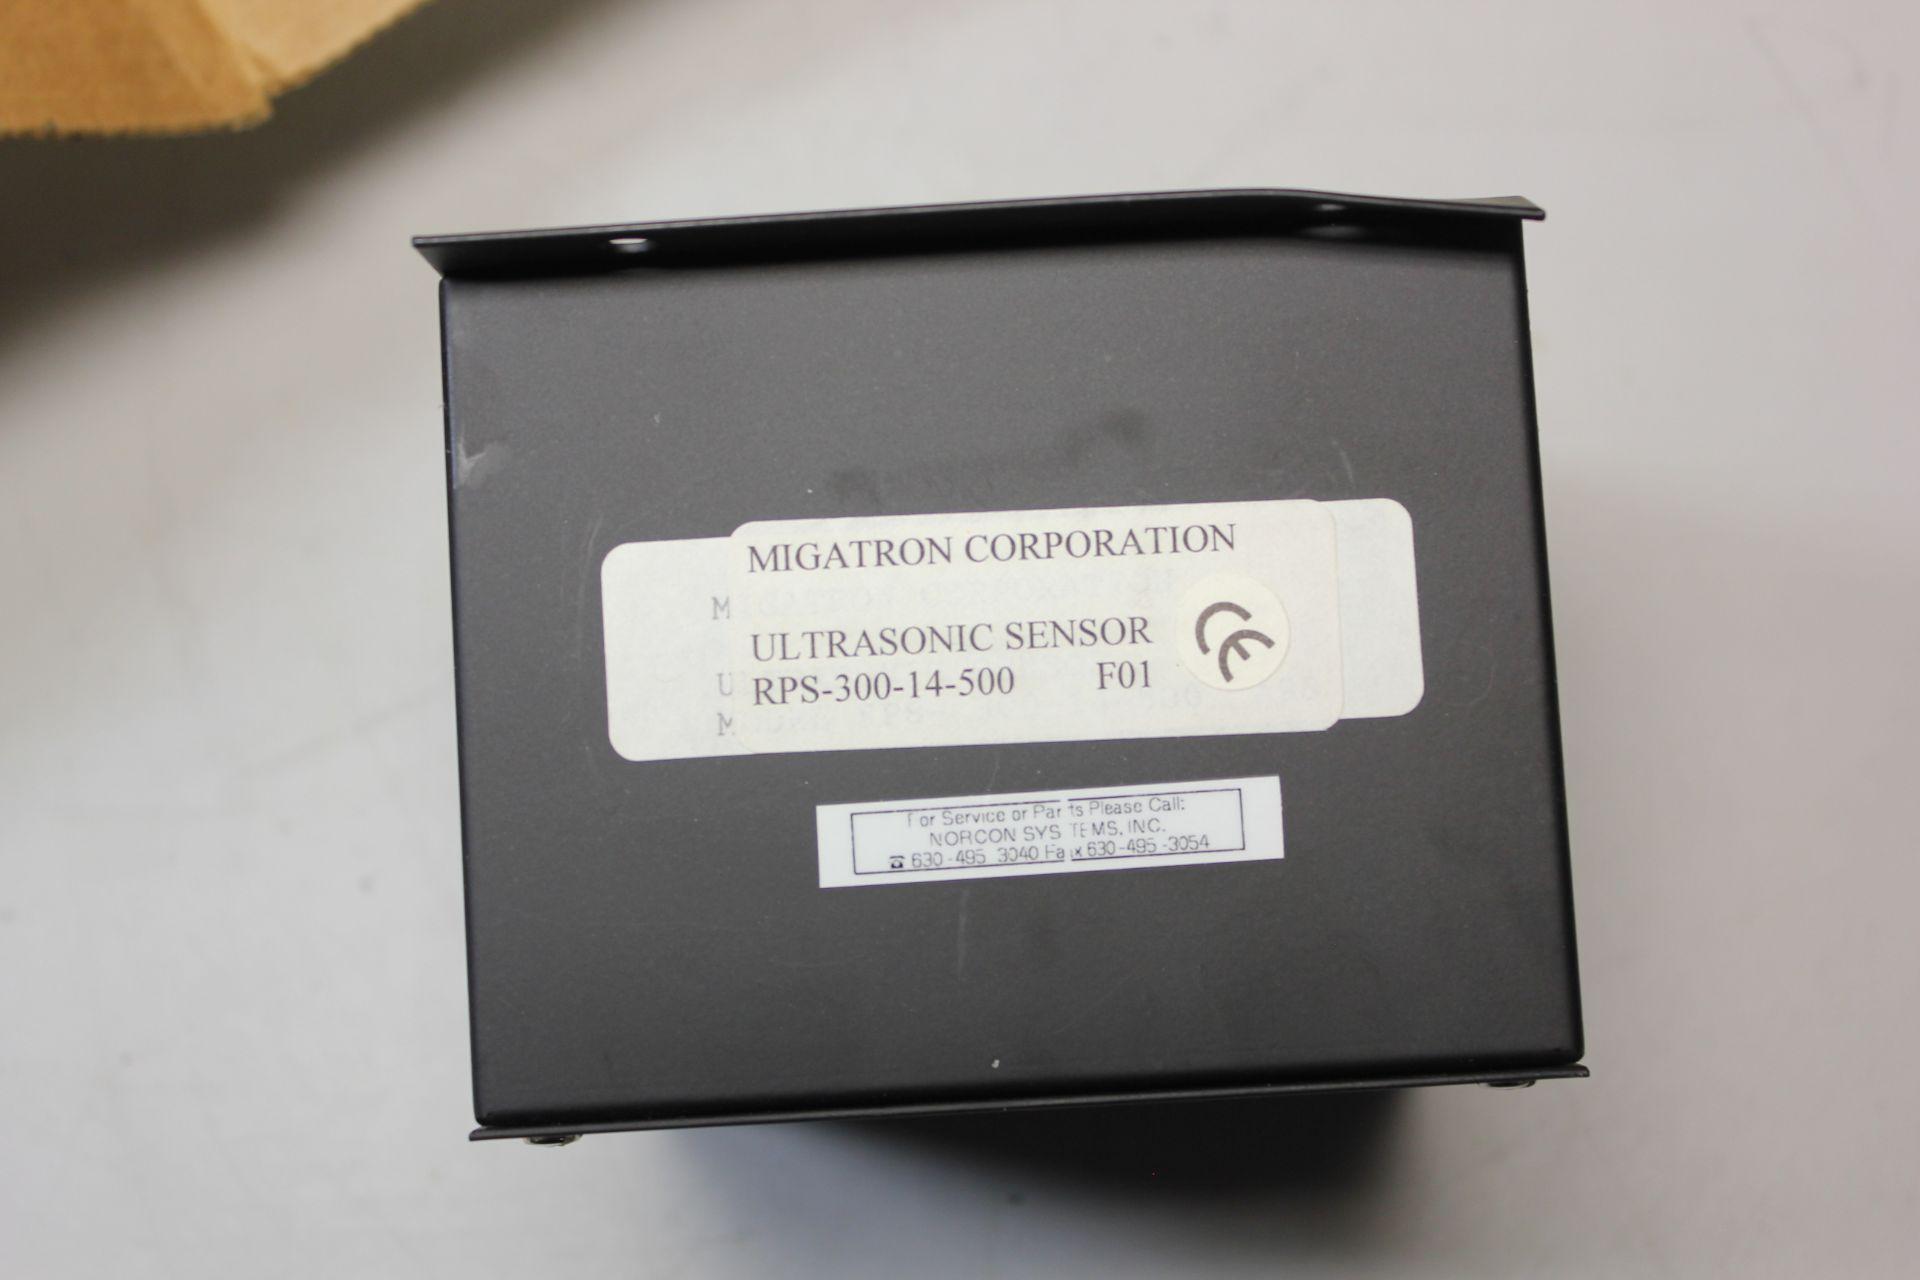 NEW MIGATRON ULTRASONIC SENSOR - Image 5 of 6